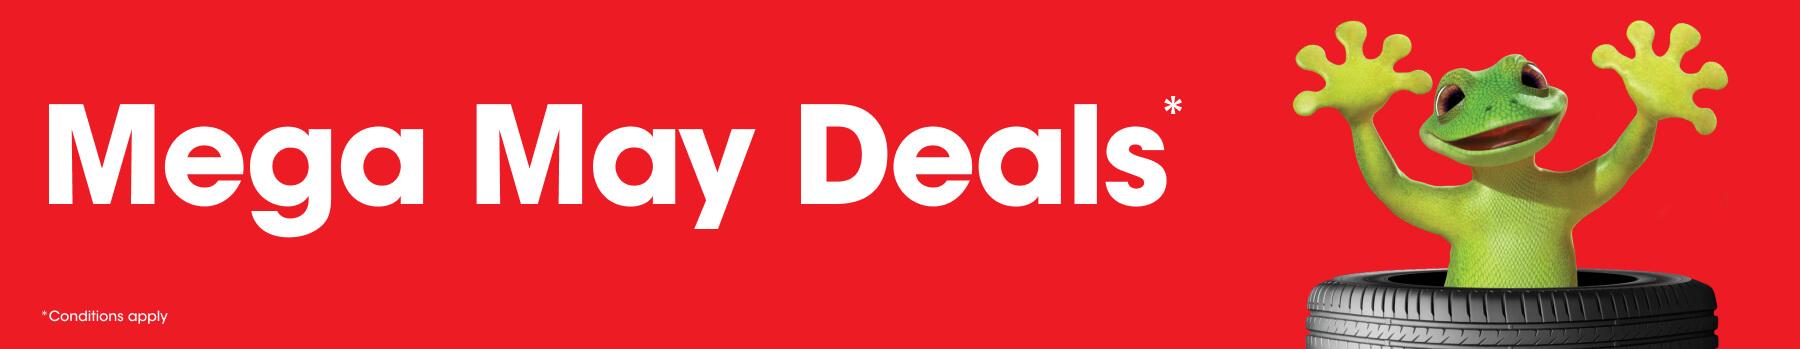 May Promotion - Mega May Deals